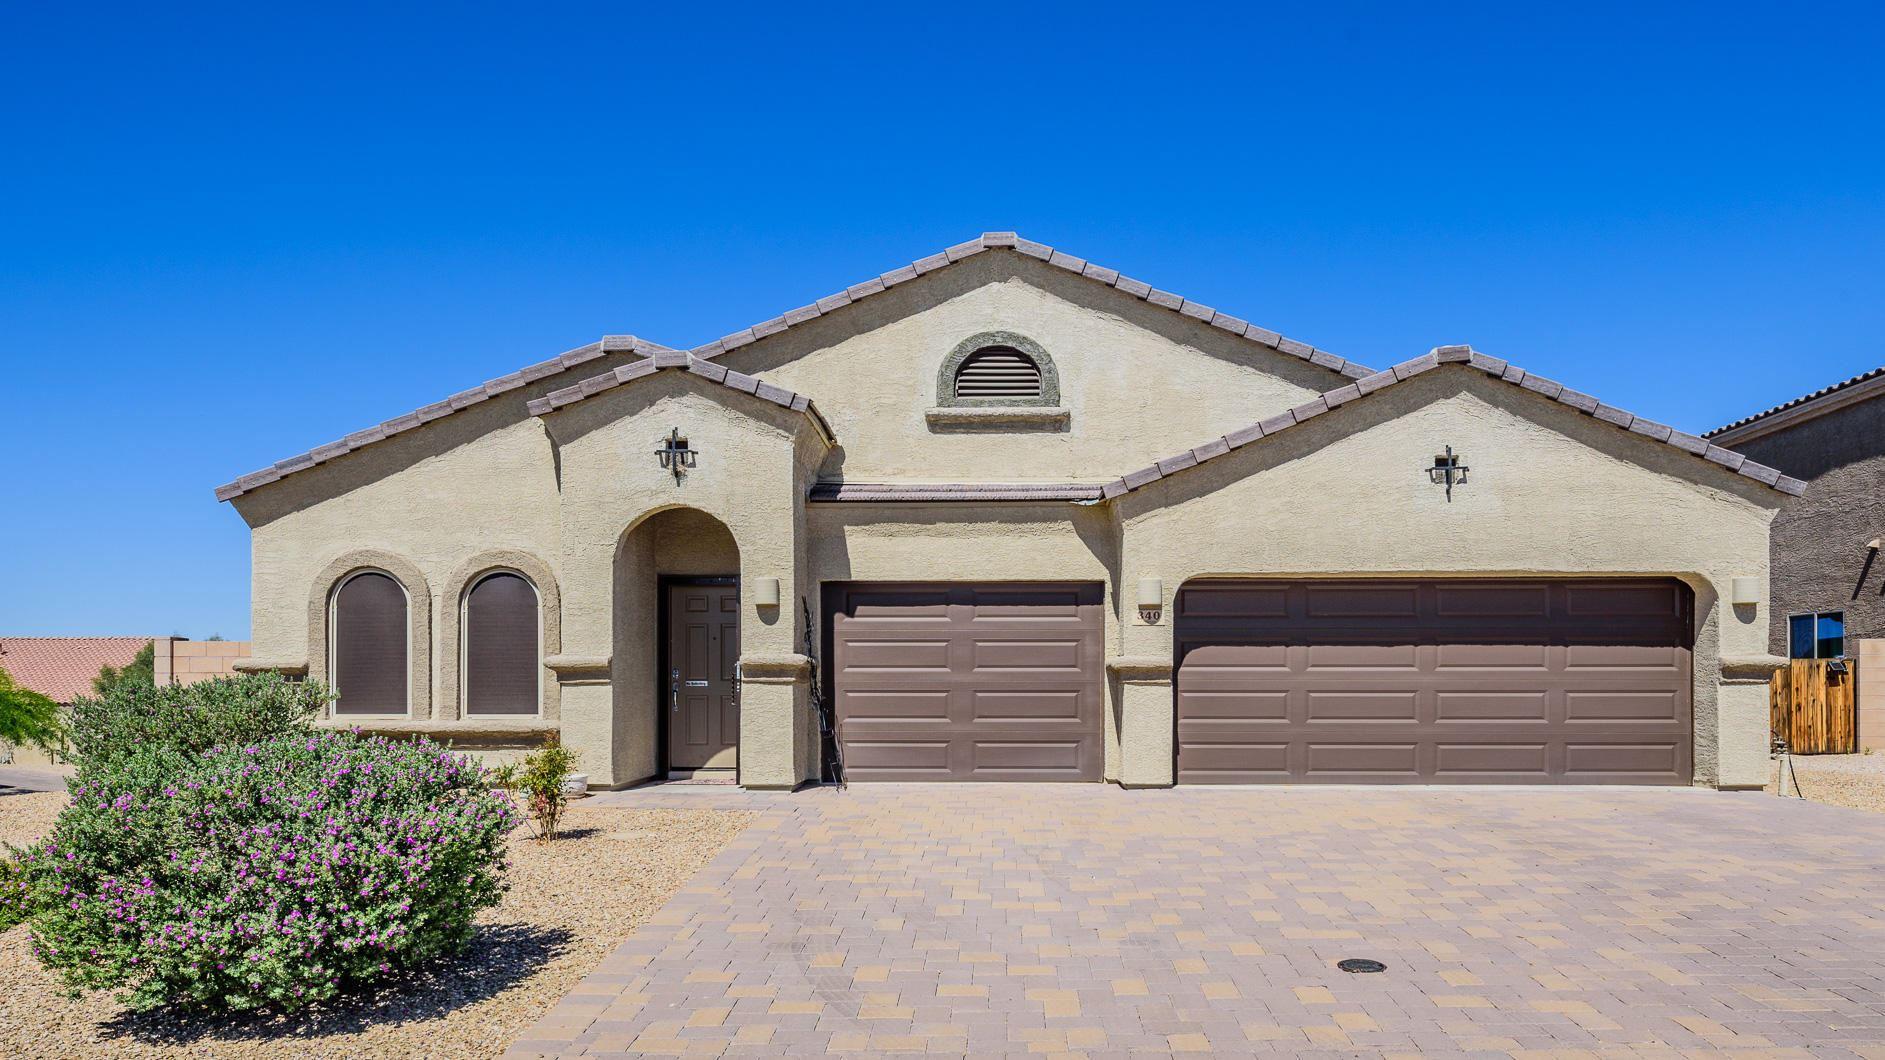 340 S J B Tidwell Place, Vail, AZ 85641 - MLS#: 22111630